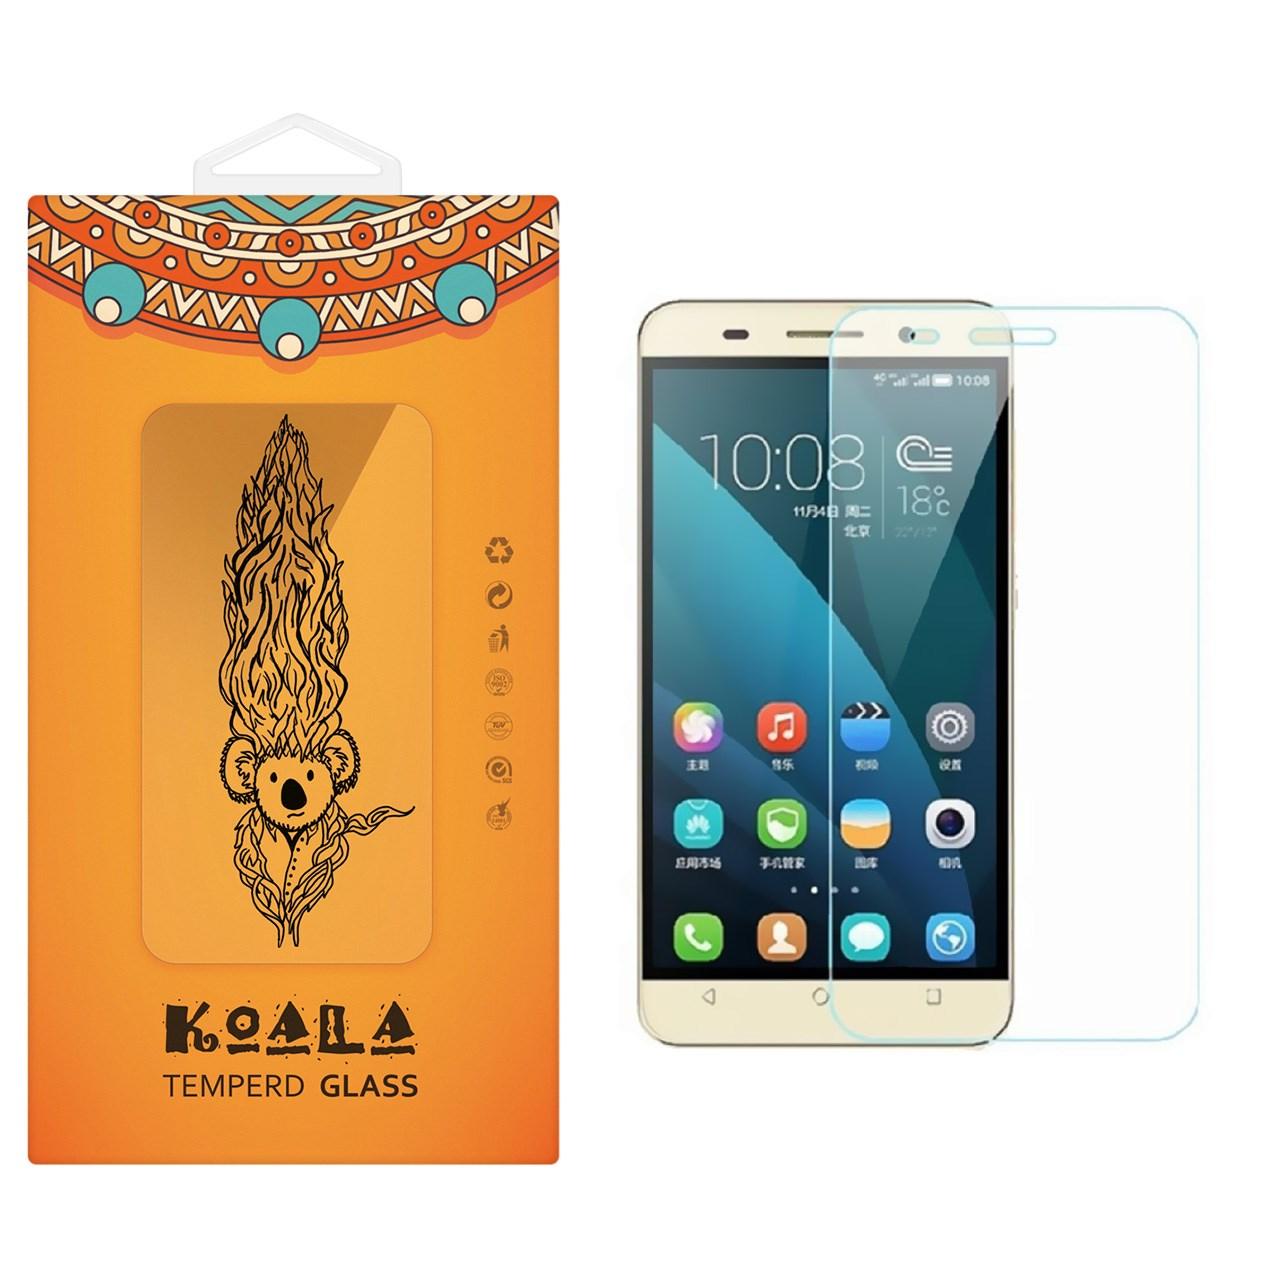 محافظ صفحه نمایش شیشه ای کوالا مدل Tempered مناسب برای گوشی موبایل هوآوی Honor 4C